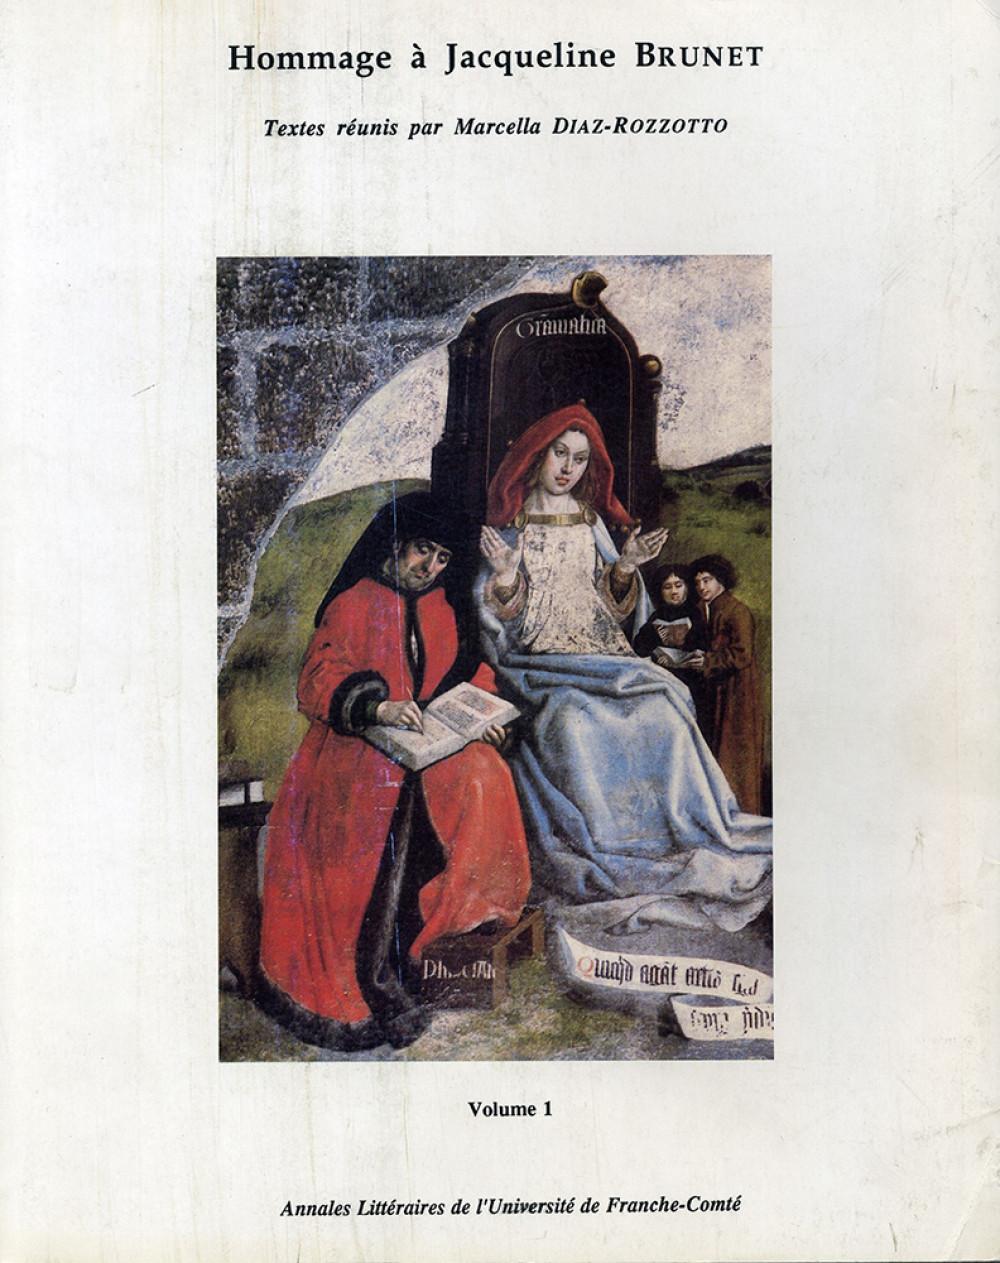 Hommage à Jacqueline Brunet, Volume 1